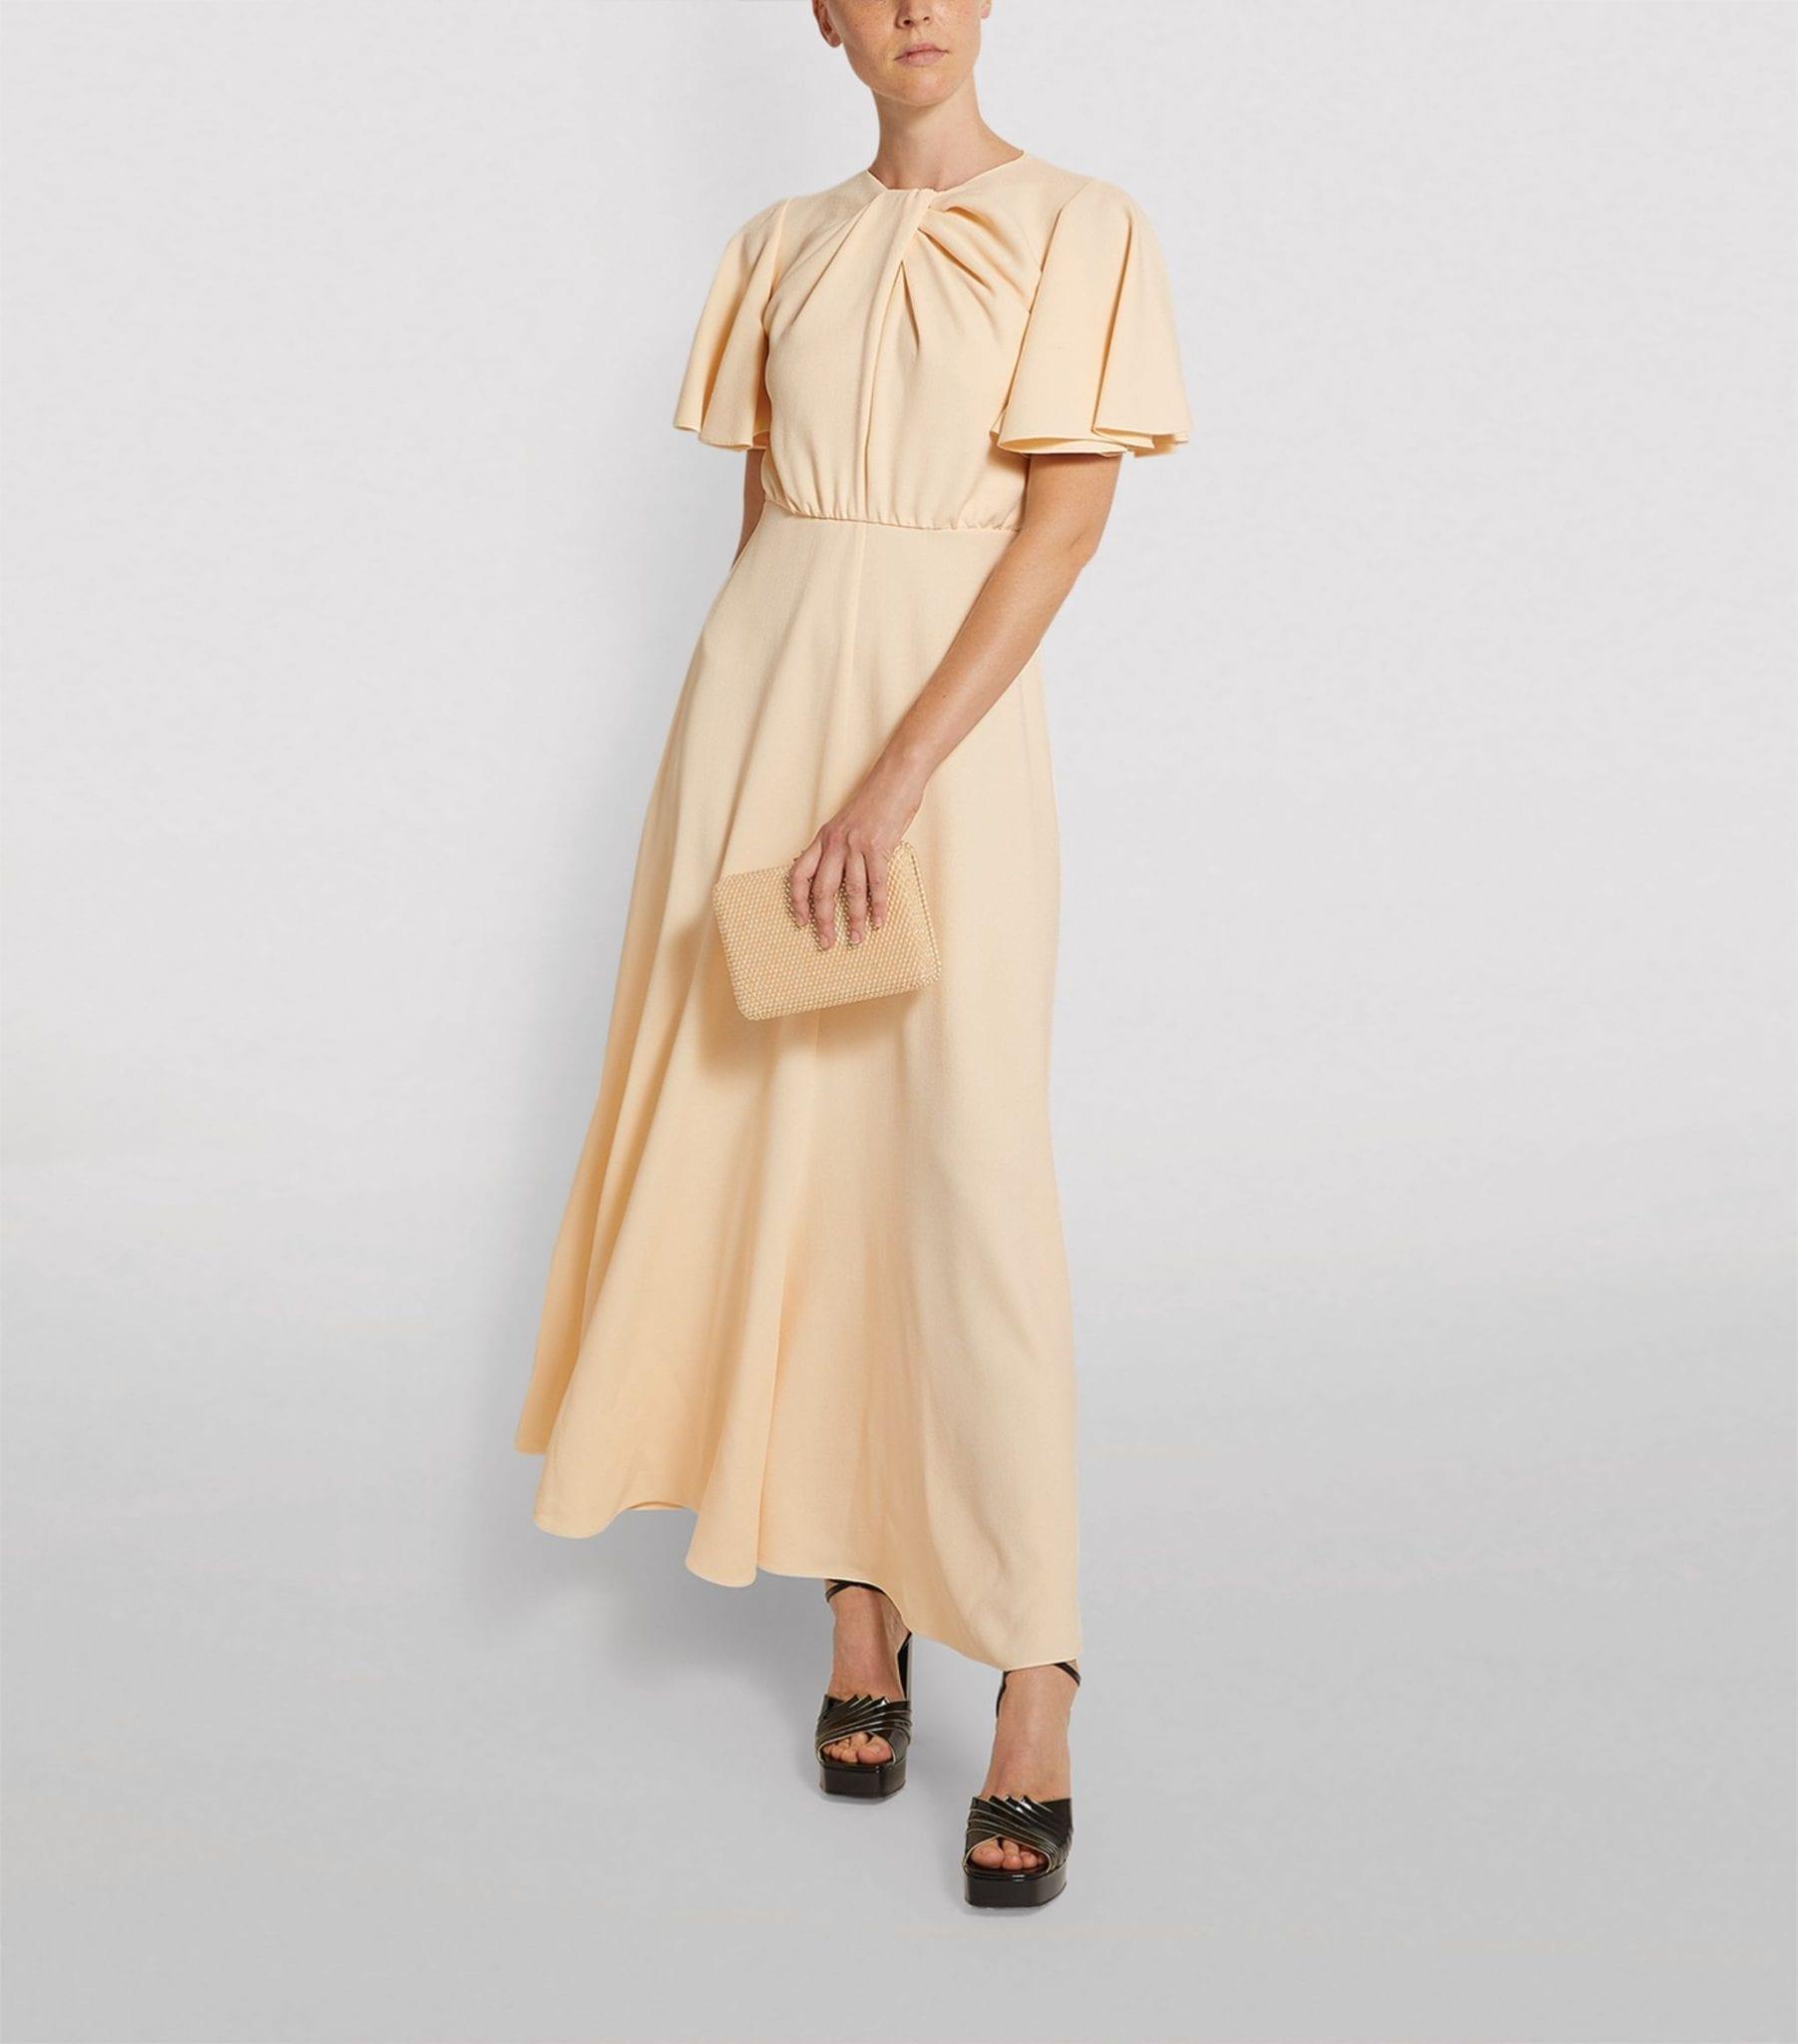 GIAMBATTISTA VALLI Twist-Neck Gown